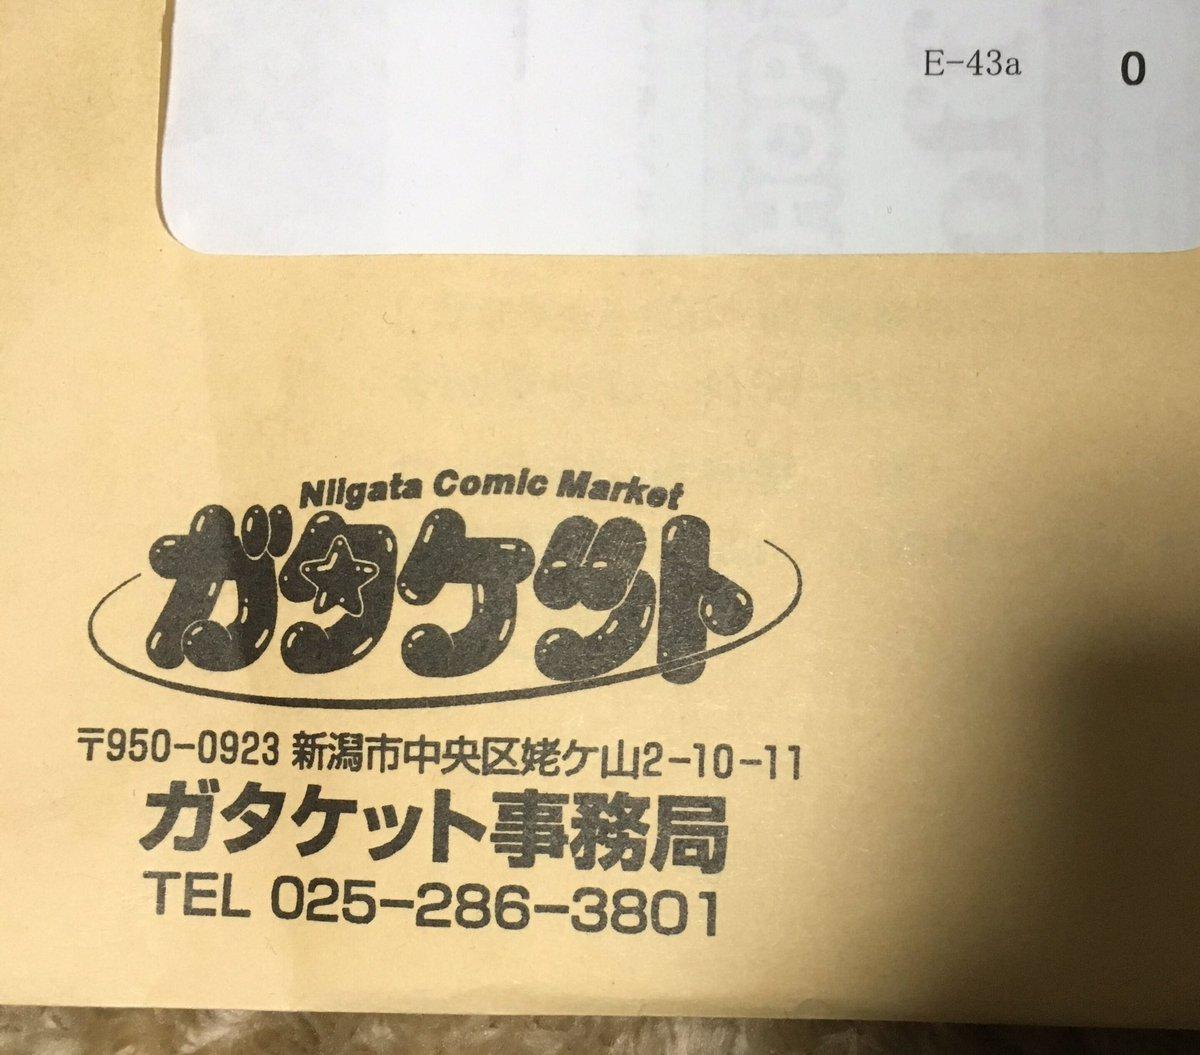 ガタケはこちらでヨロ(^^)今回は無謀にもvivid strike本と、ラブライブ サンシャイン本の2本の小説を予定。「